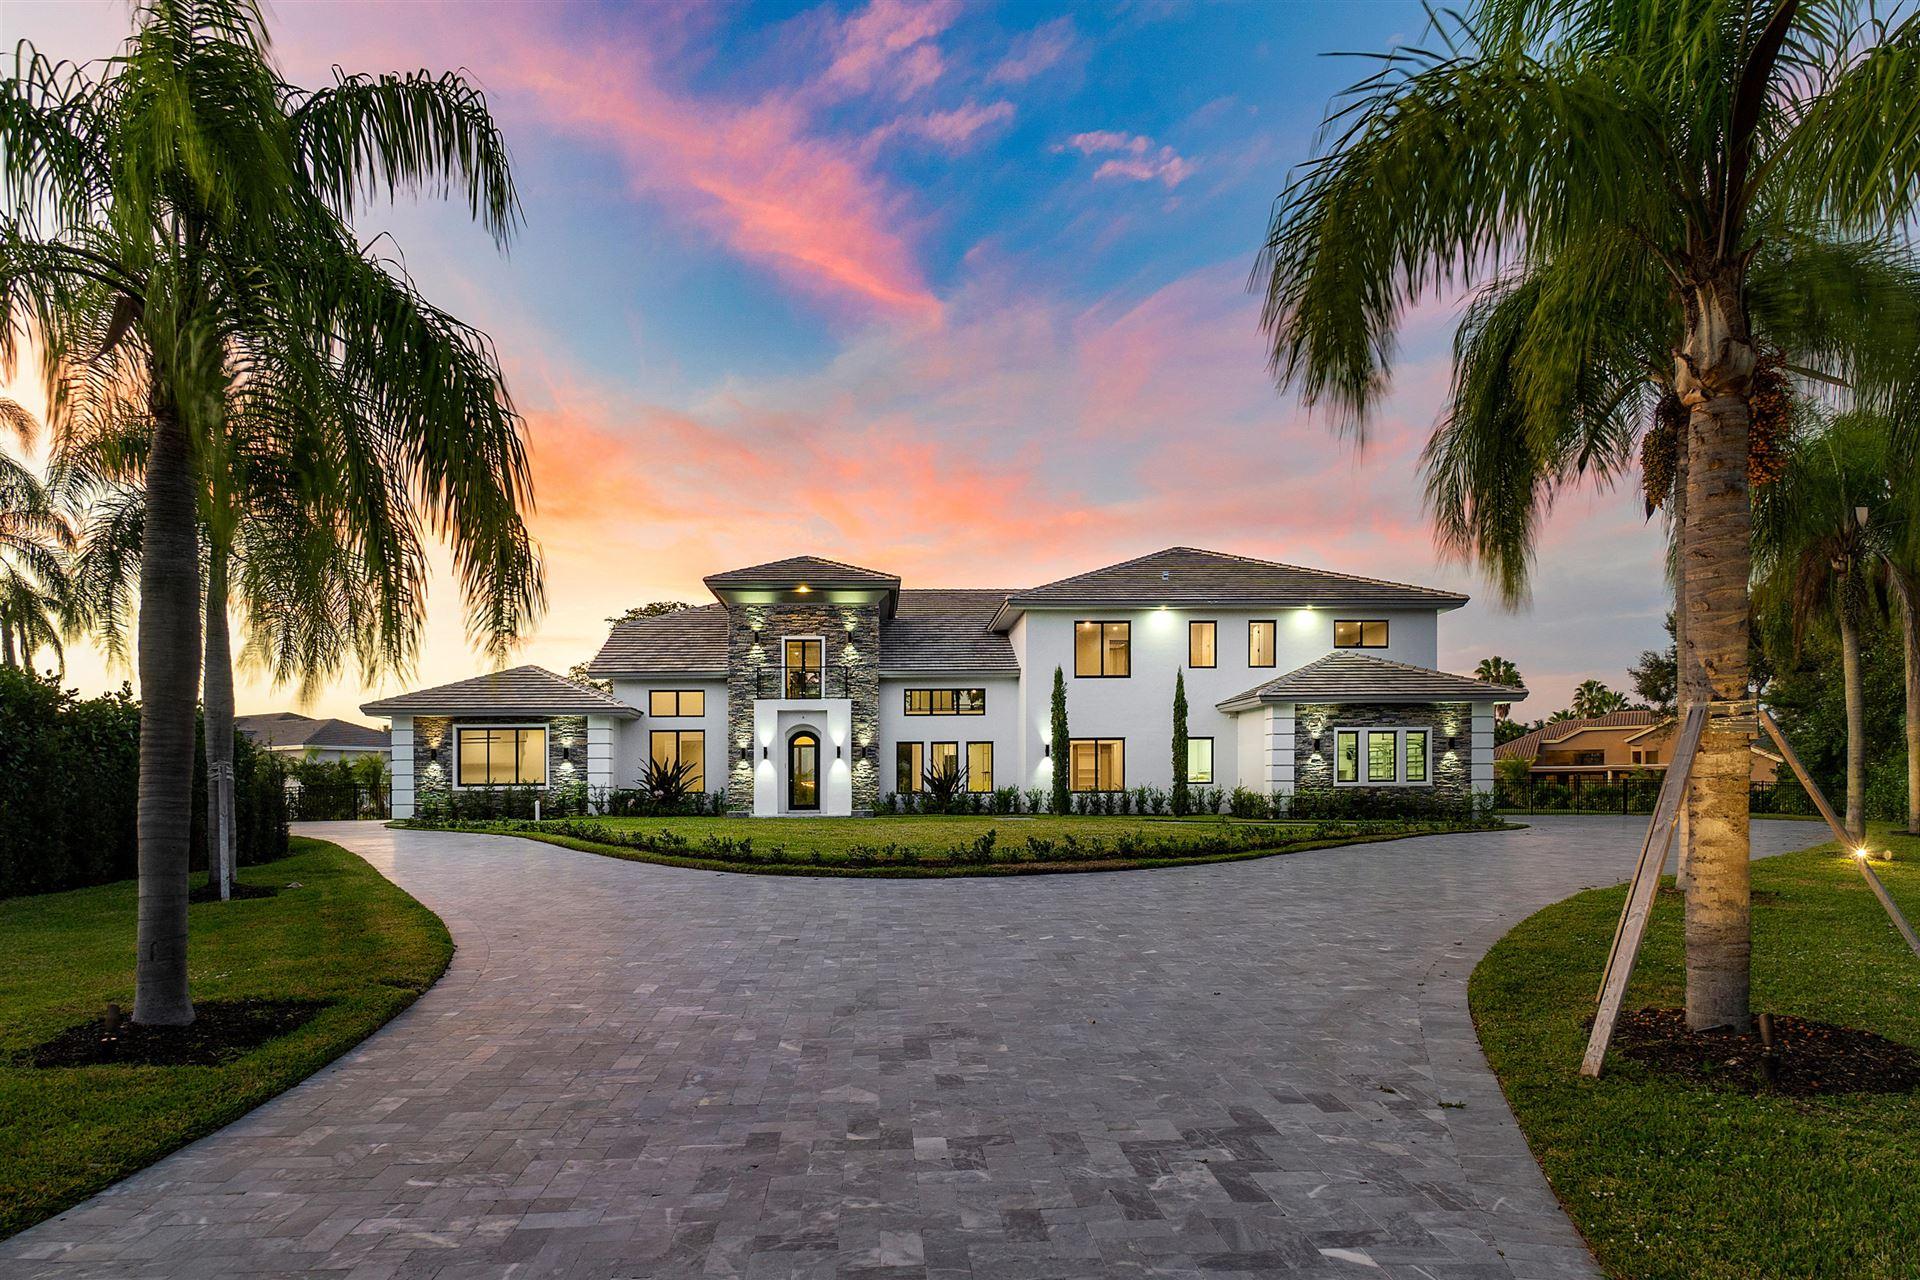 17744 Fieldbrook Circle W, Boca Raton, FL 33496 - #: RX-10589826